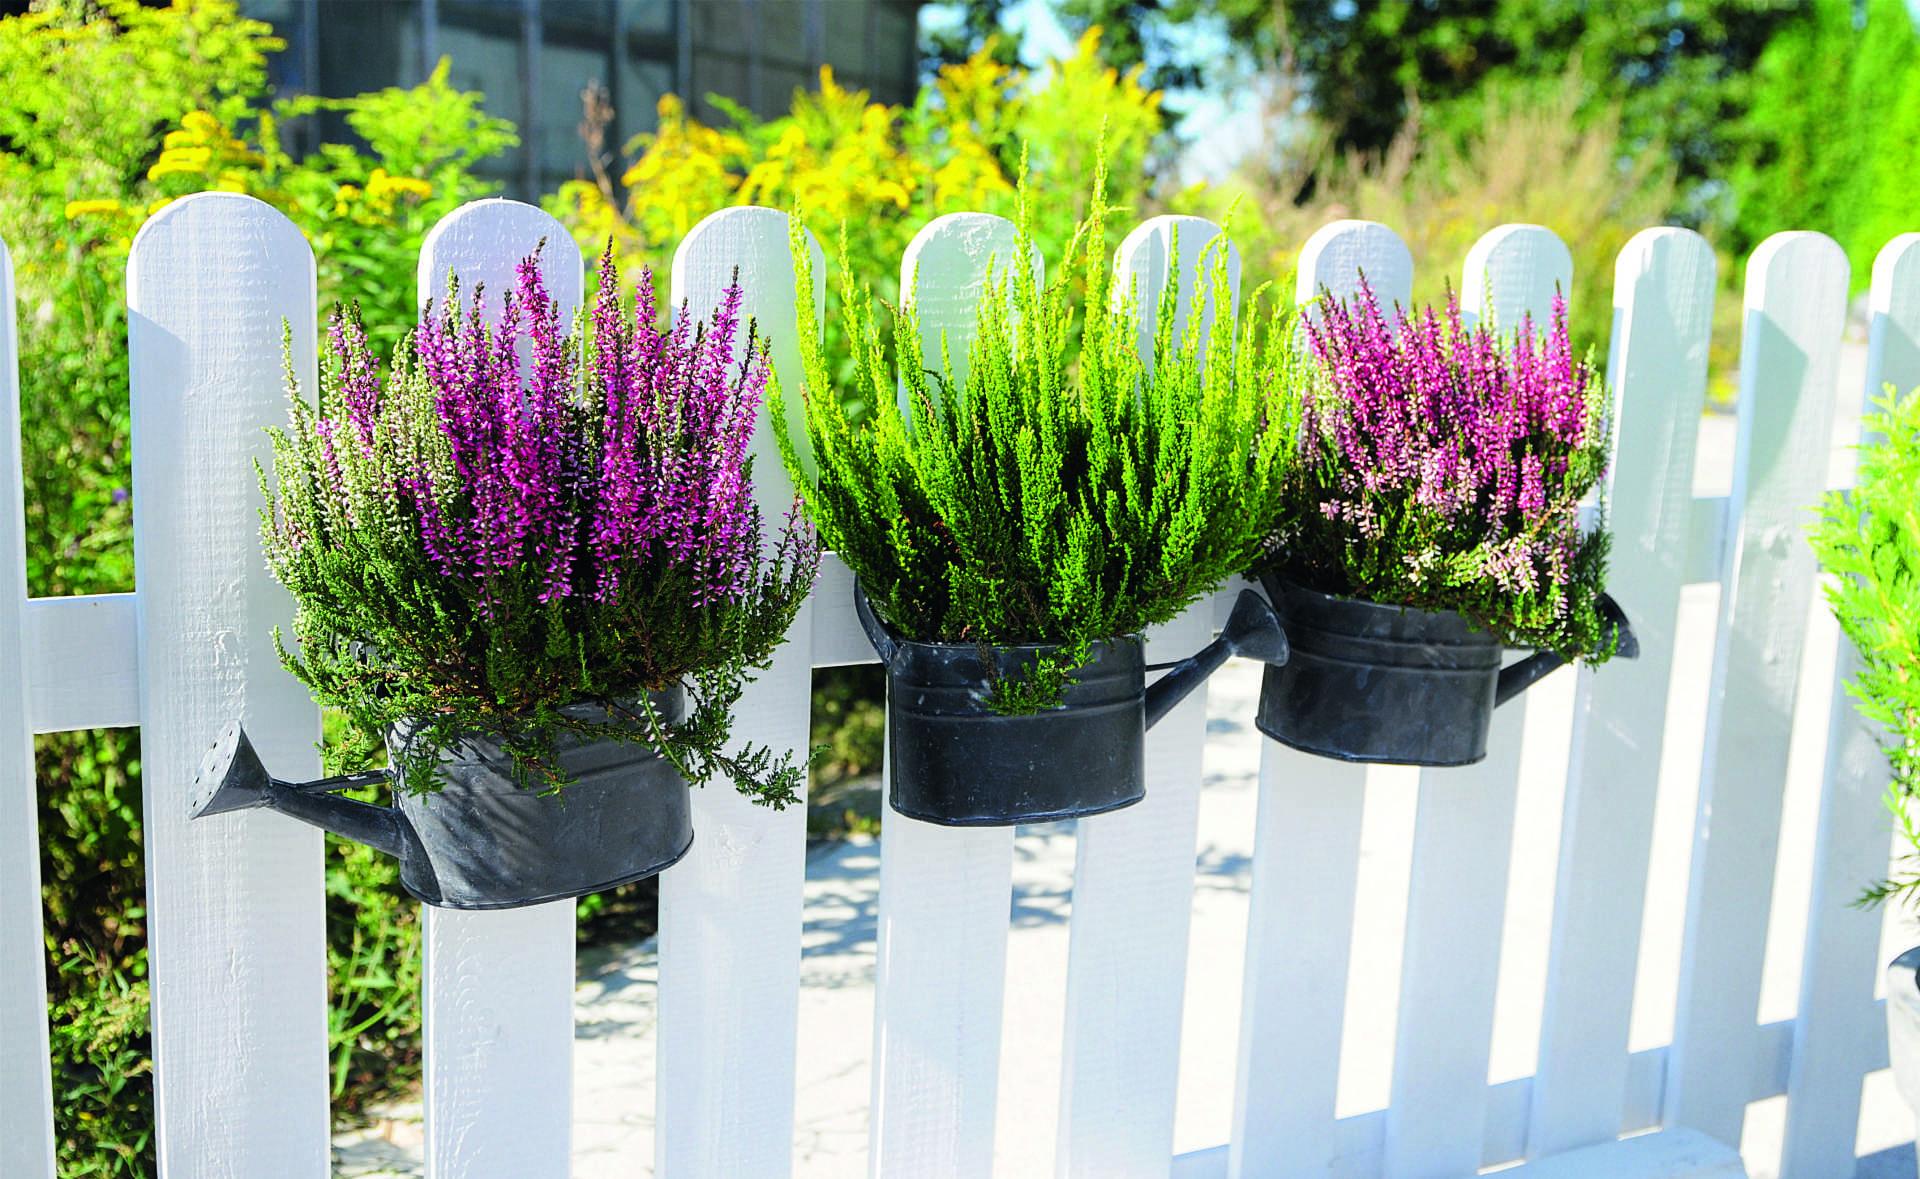 jesienny-ogrod-w-fioletach